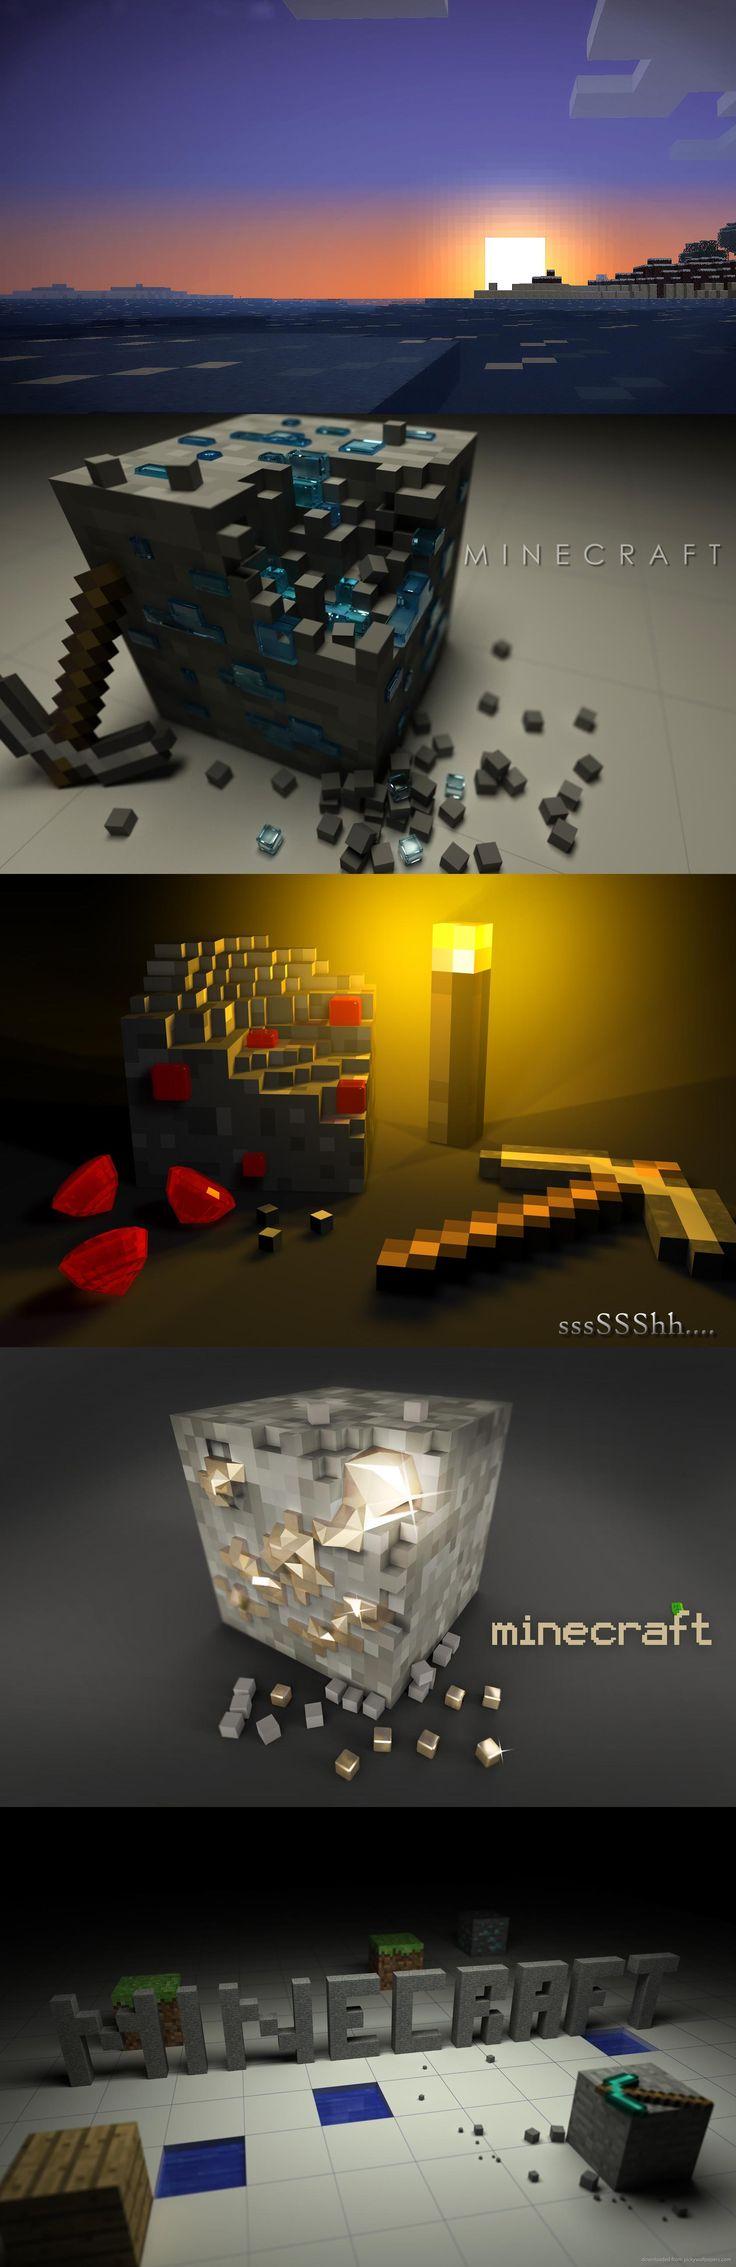 Best 25 Minecraft Wallpaper Ideas On Pinterest Minecraft